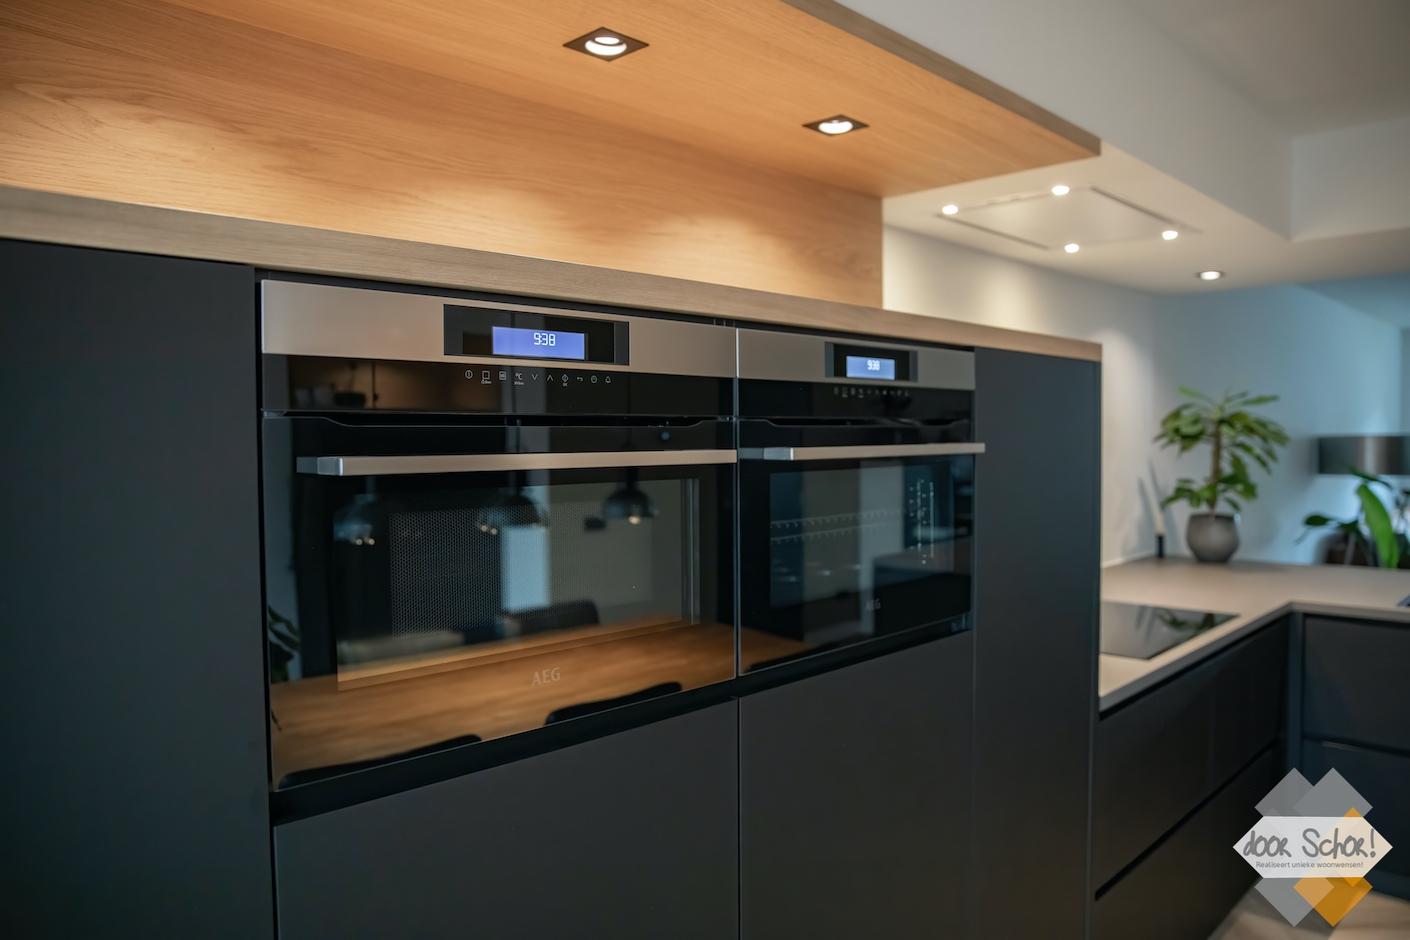 keuken op maat in het matzwart met eikenhout gecombineerd met daarin keukenapparaten